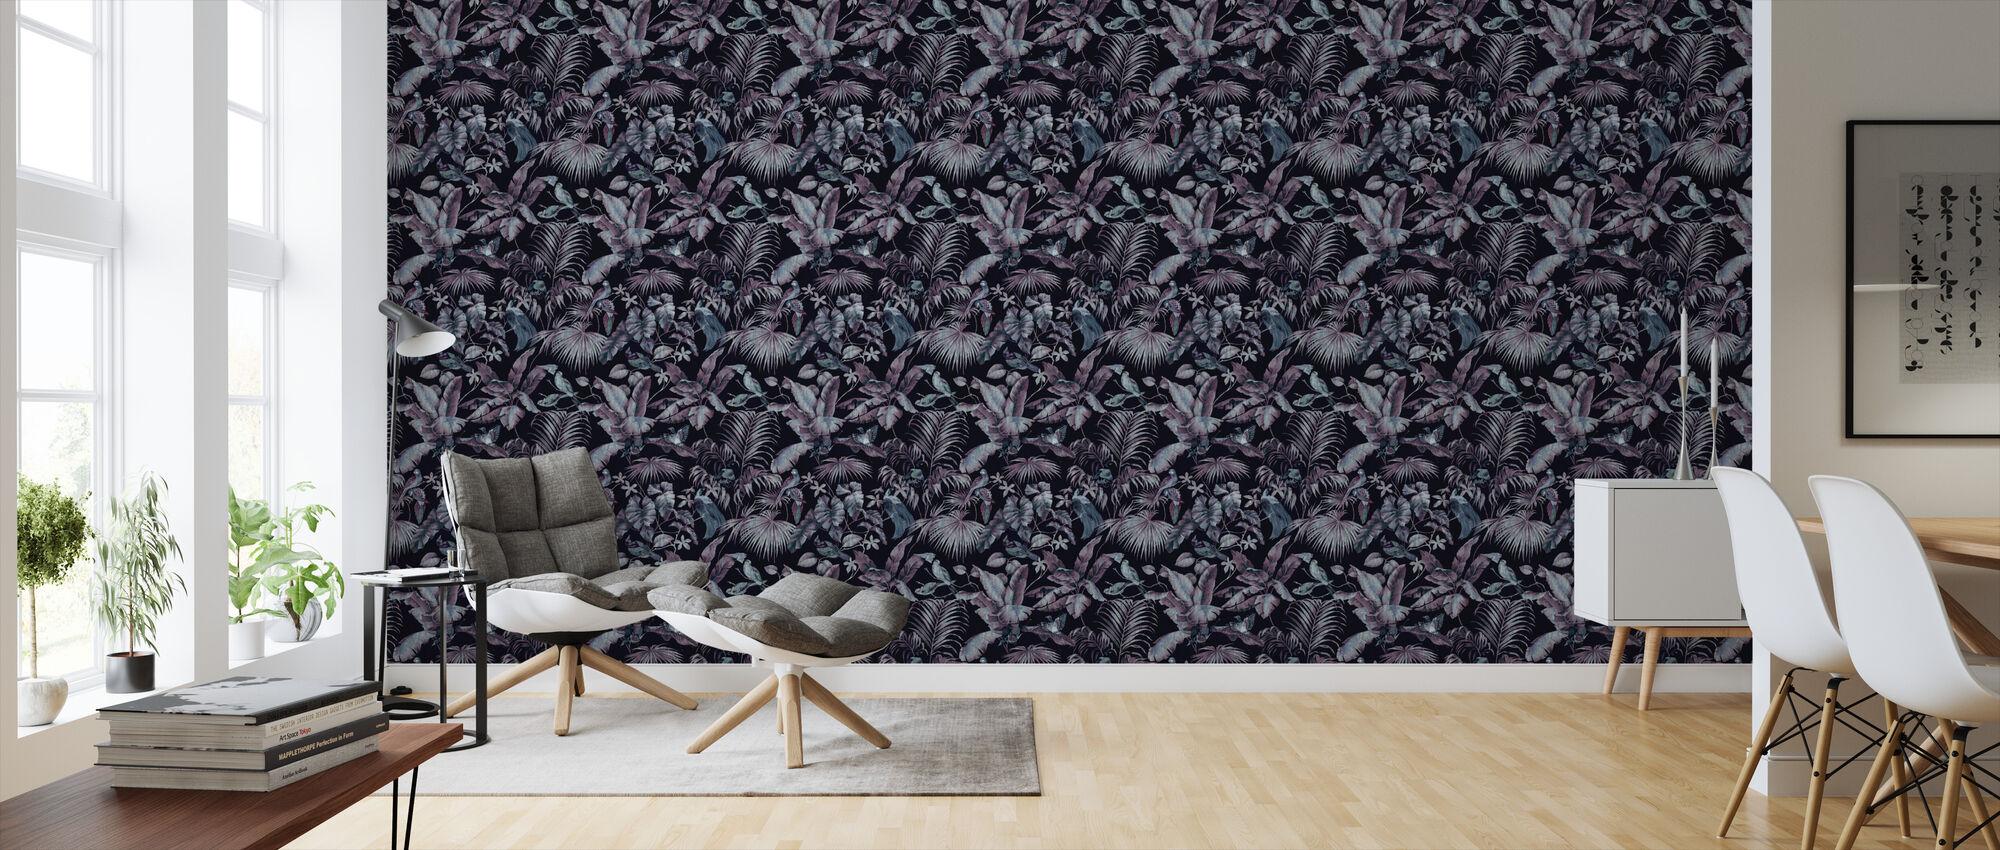 Jungle Canopy Midnight - Wallpaper - Living Room